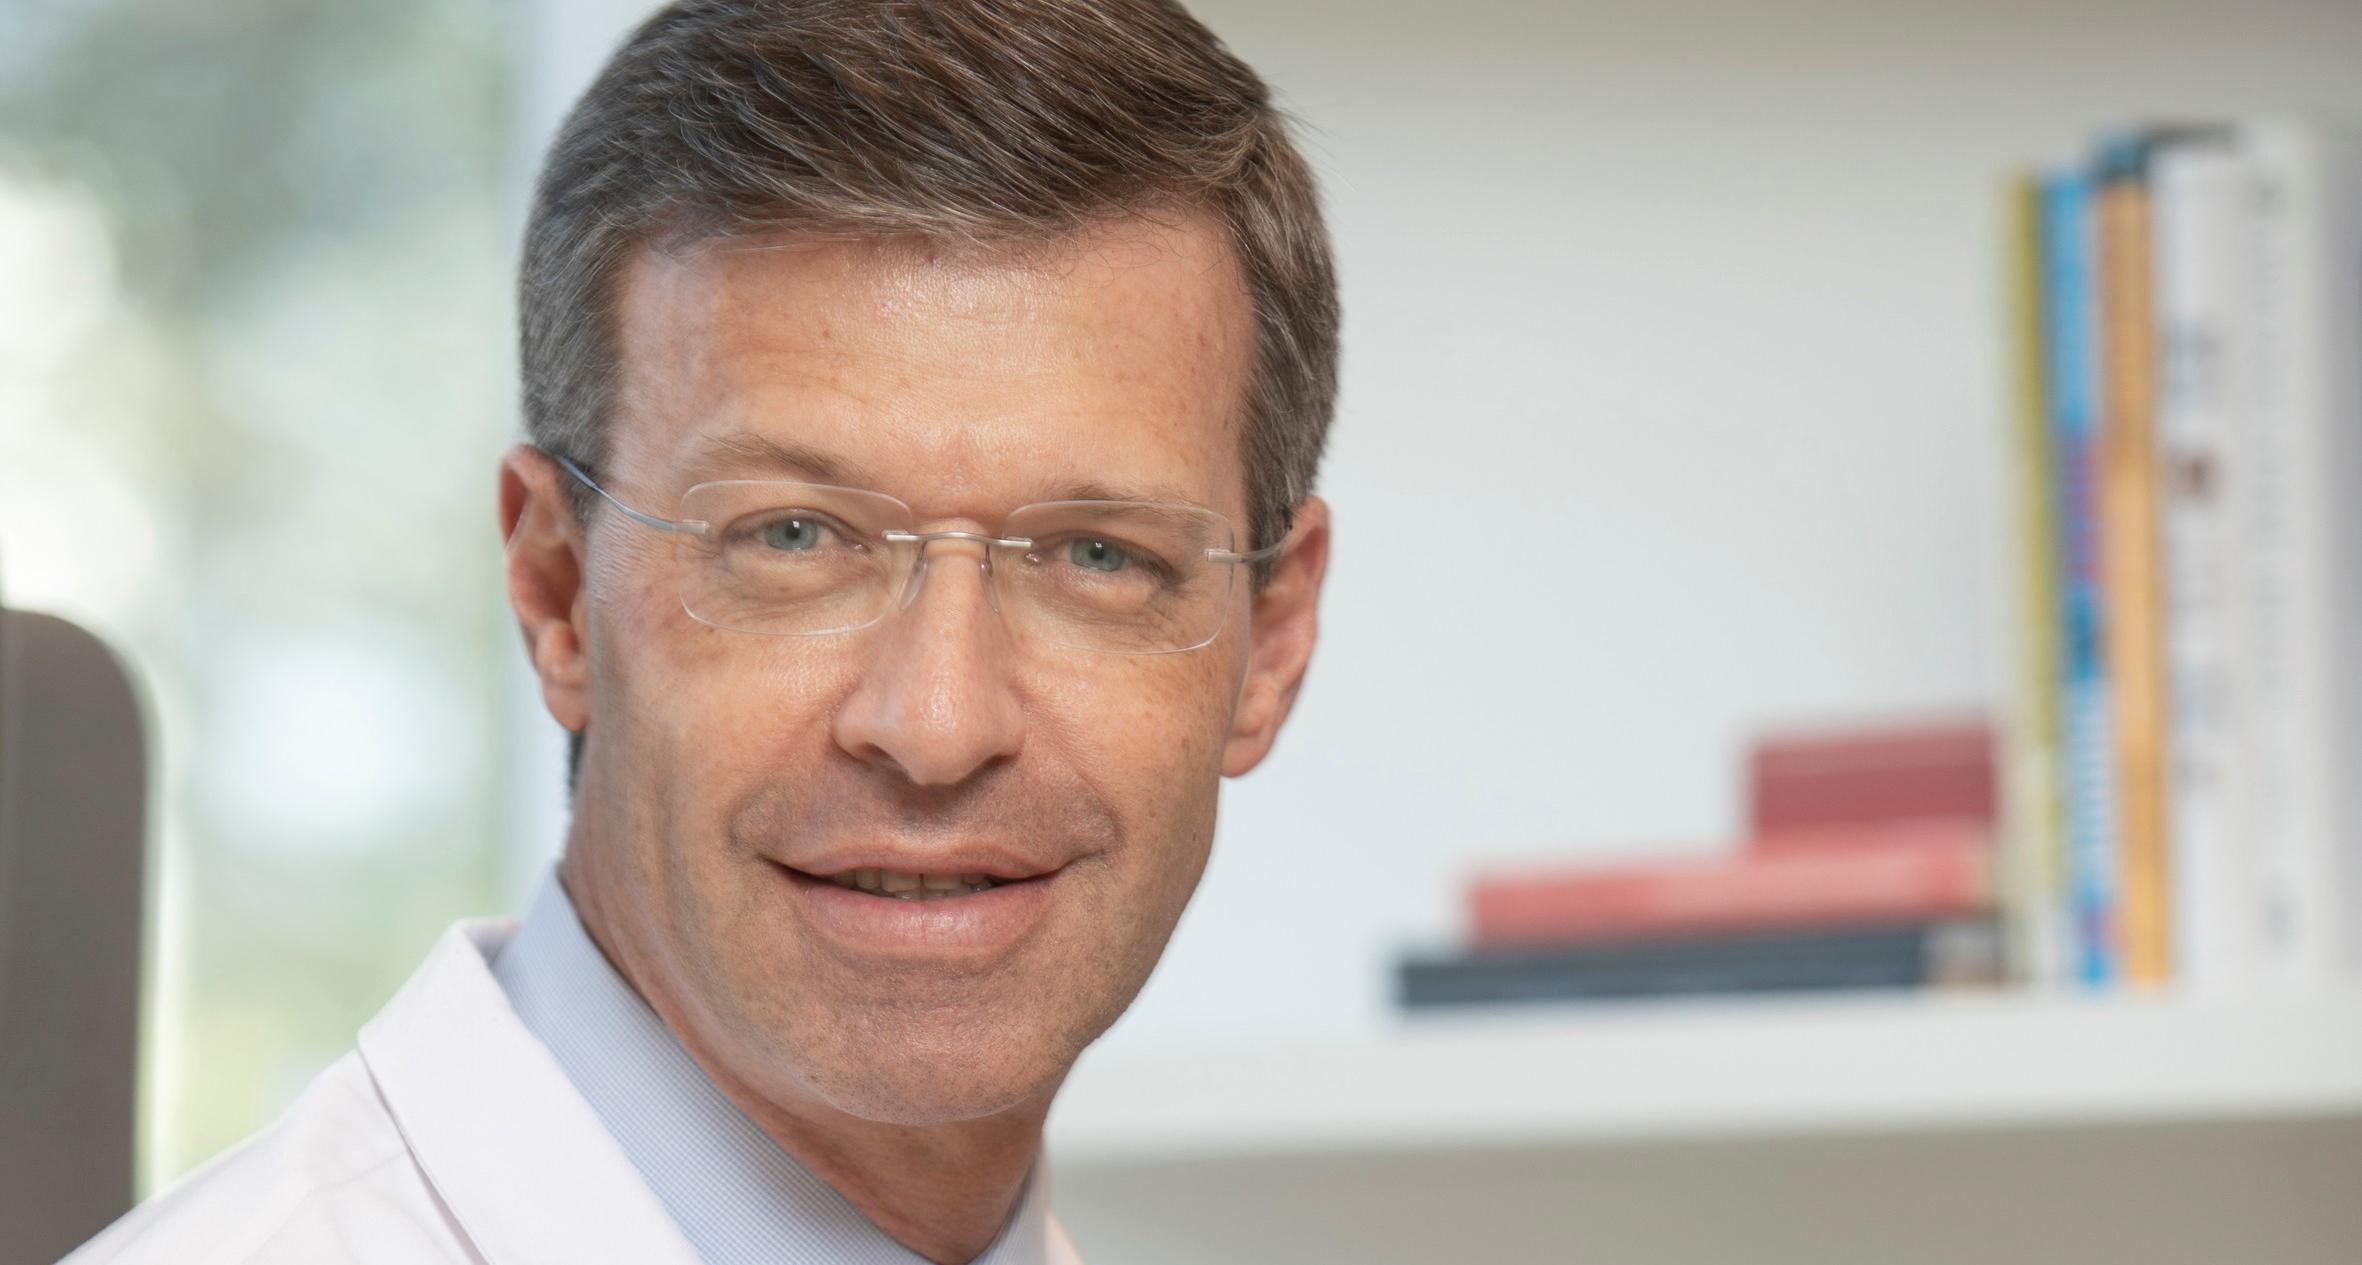 Medicina diagnóstica precisa superar os desafios do mercado e de regulação